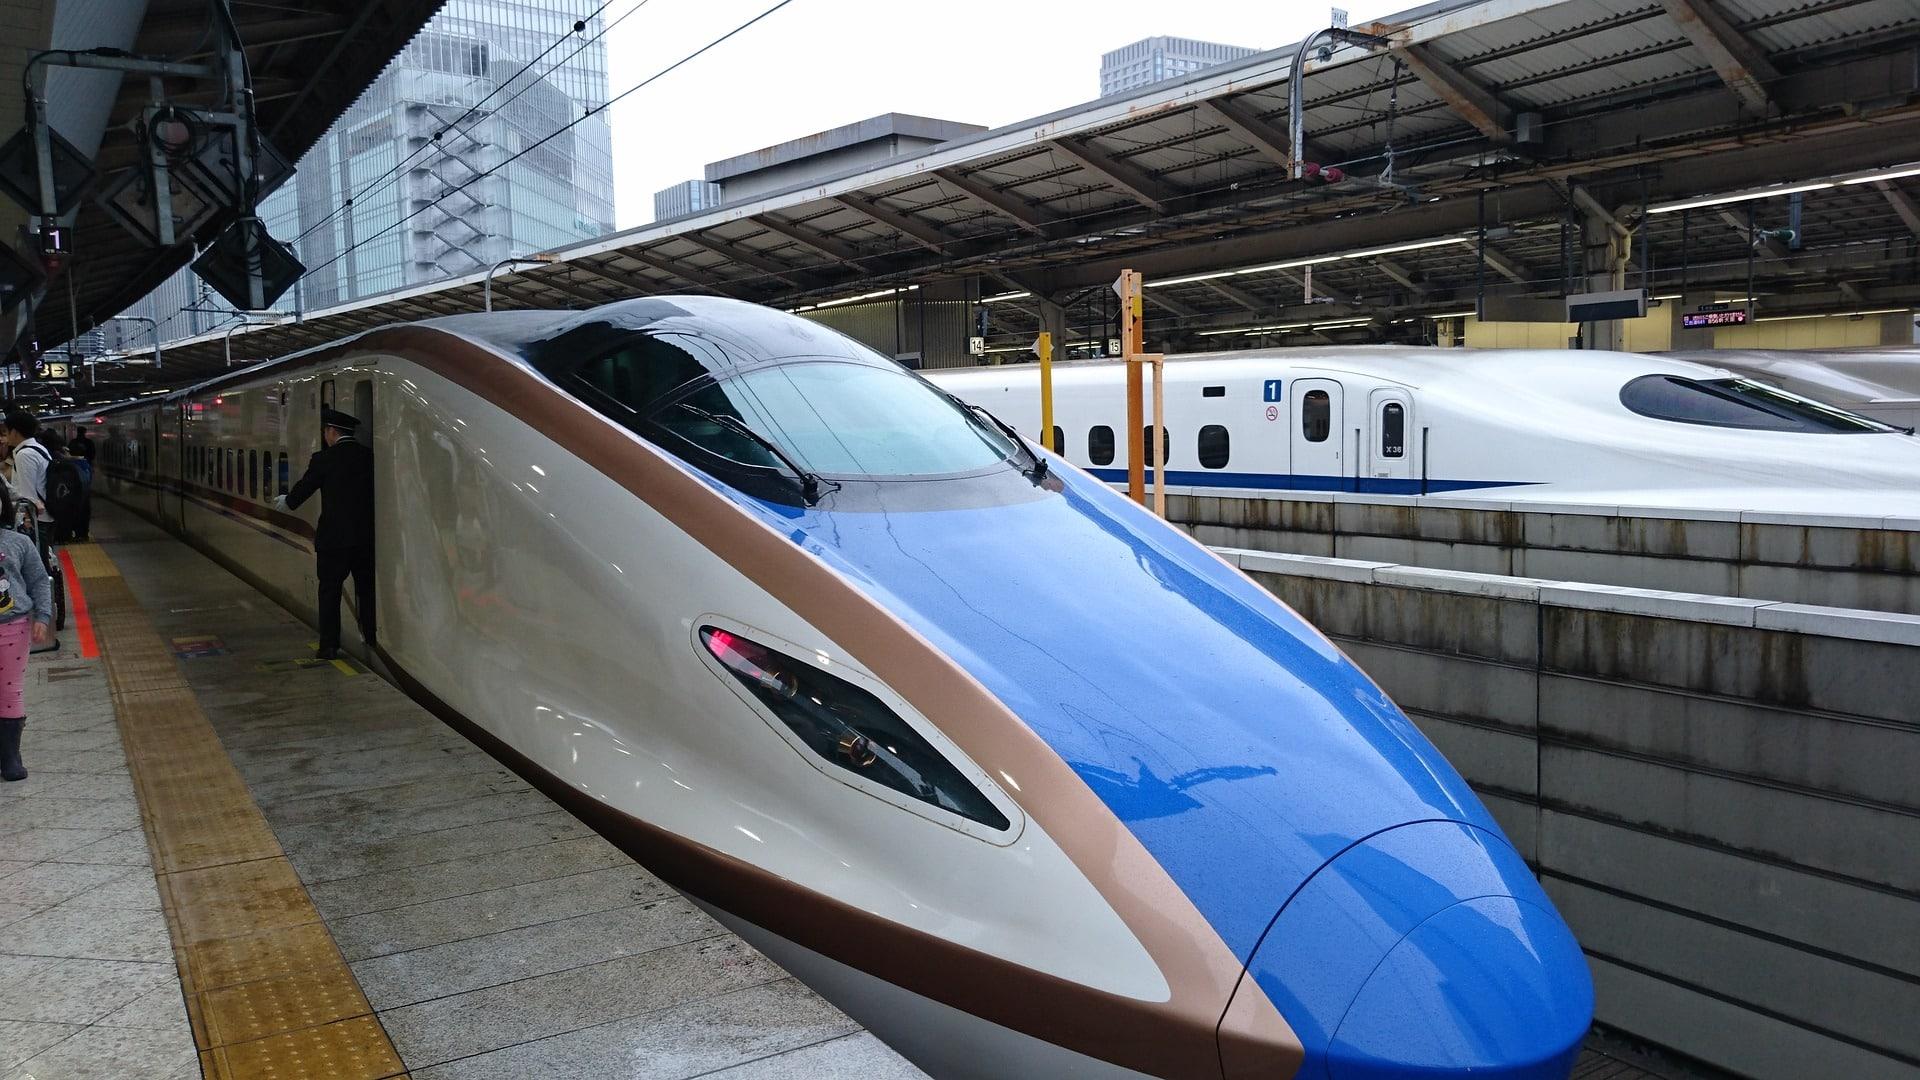 Tren bala en Nagoya, ciudad de Japón